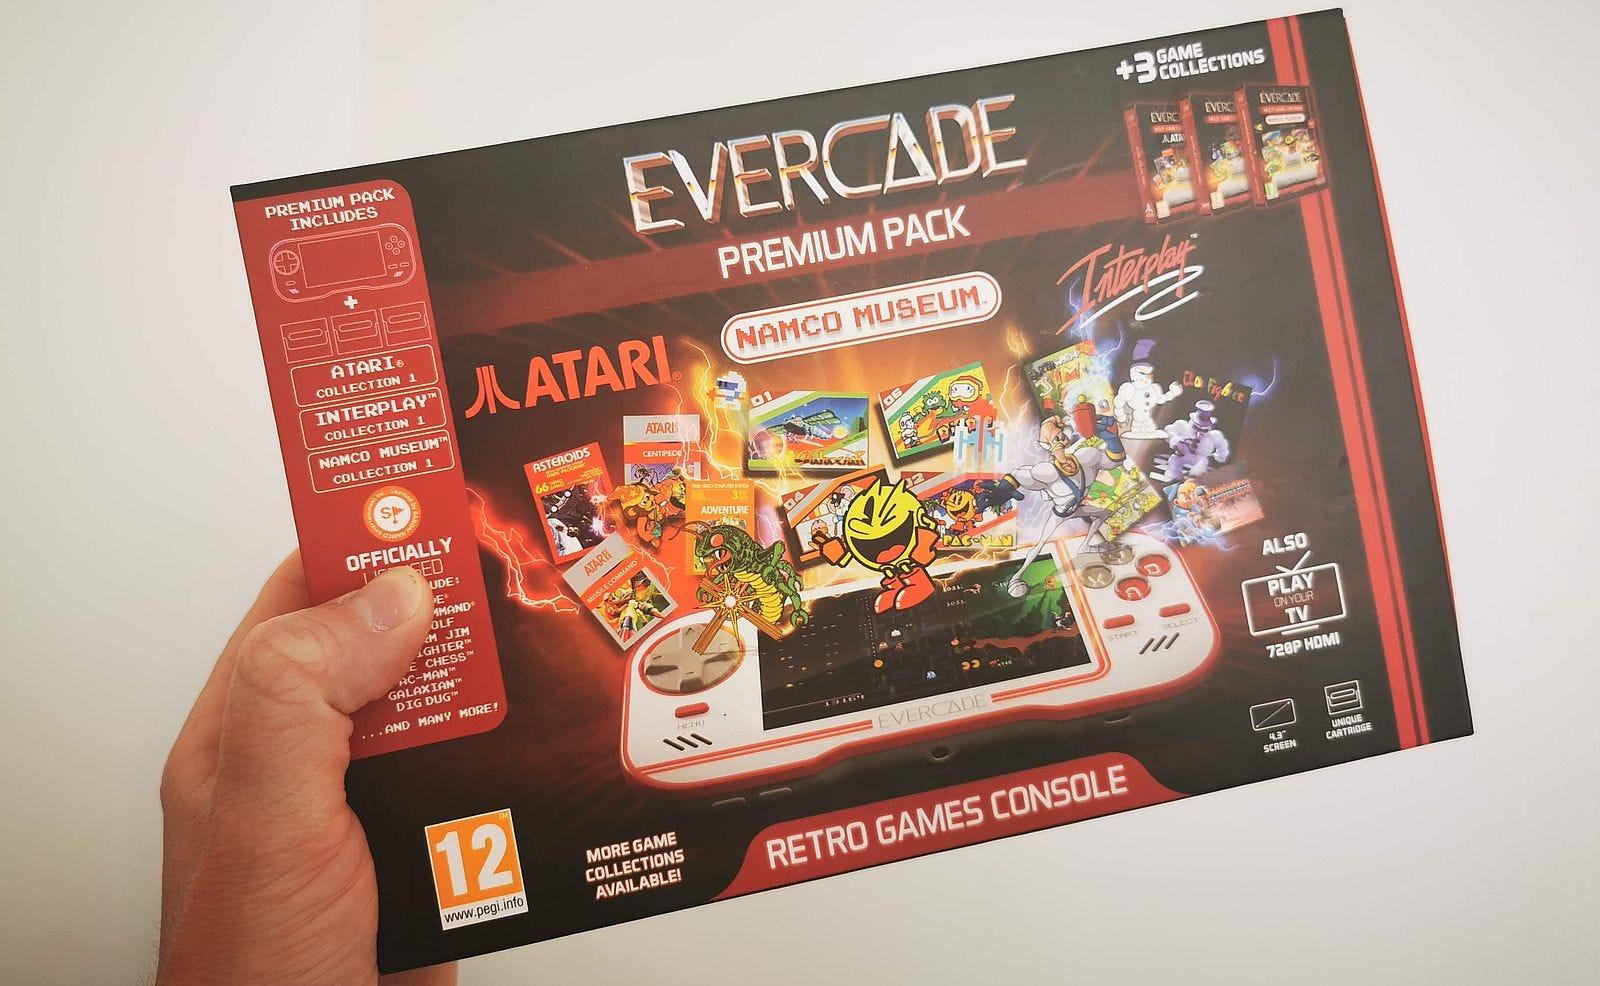 evercade premium pack box